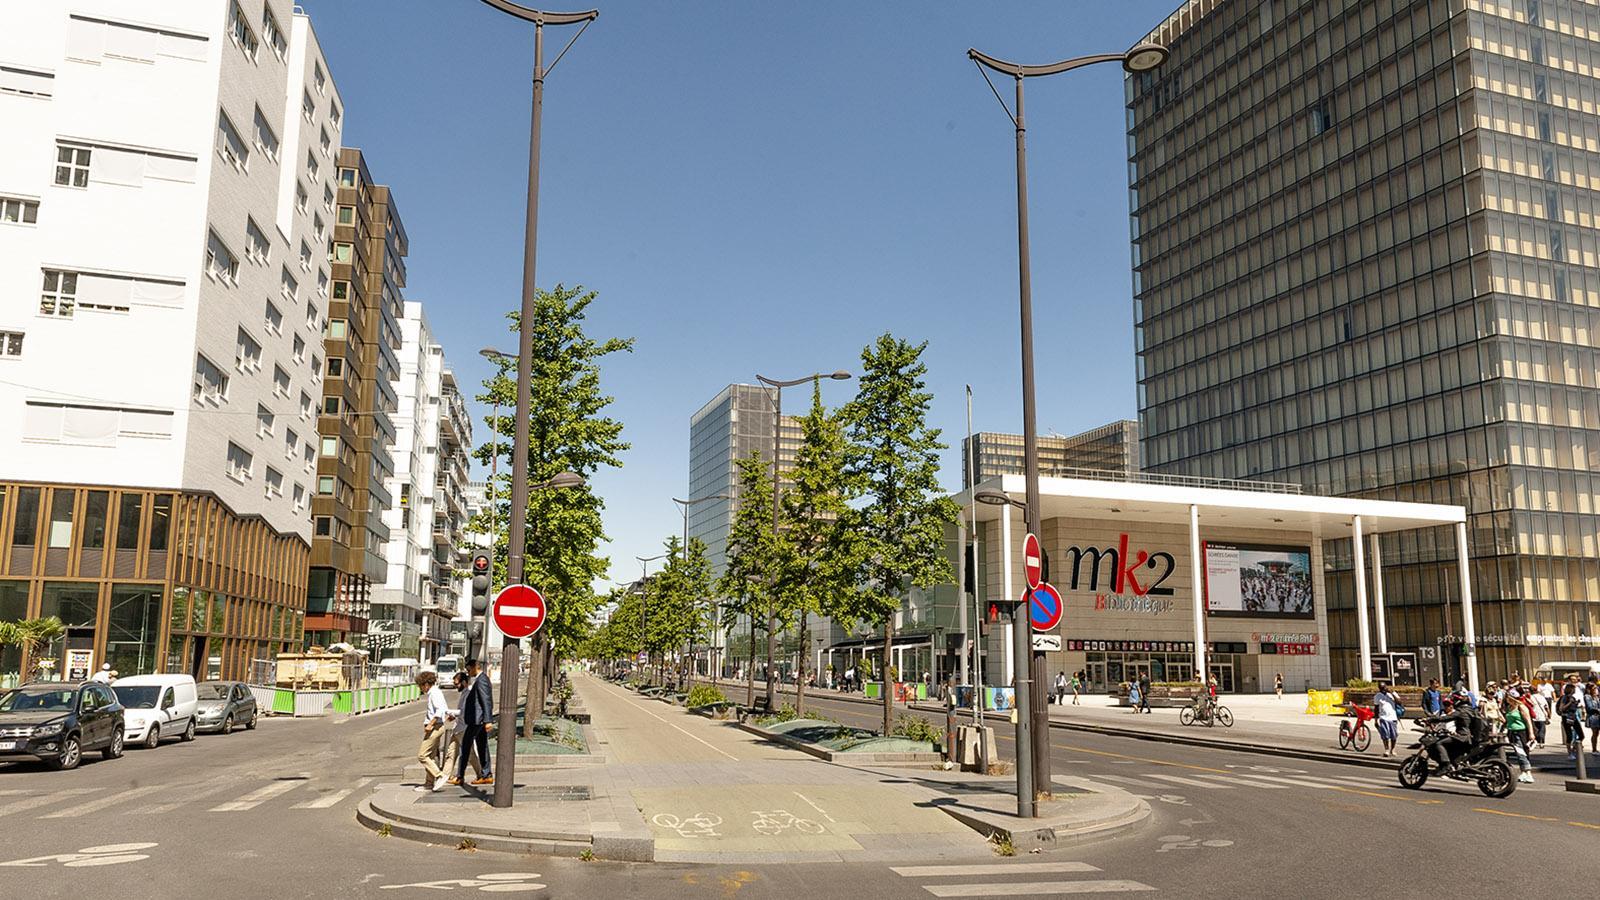 Tolbiac: Die Radspuren verlaufen vom Verkehr getrennt –vorbildlich! Foto: Hilke Maunder